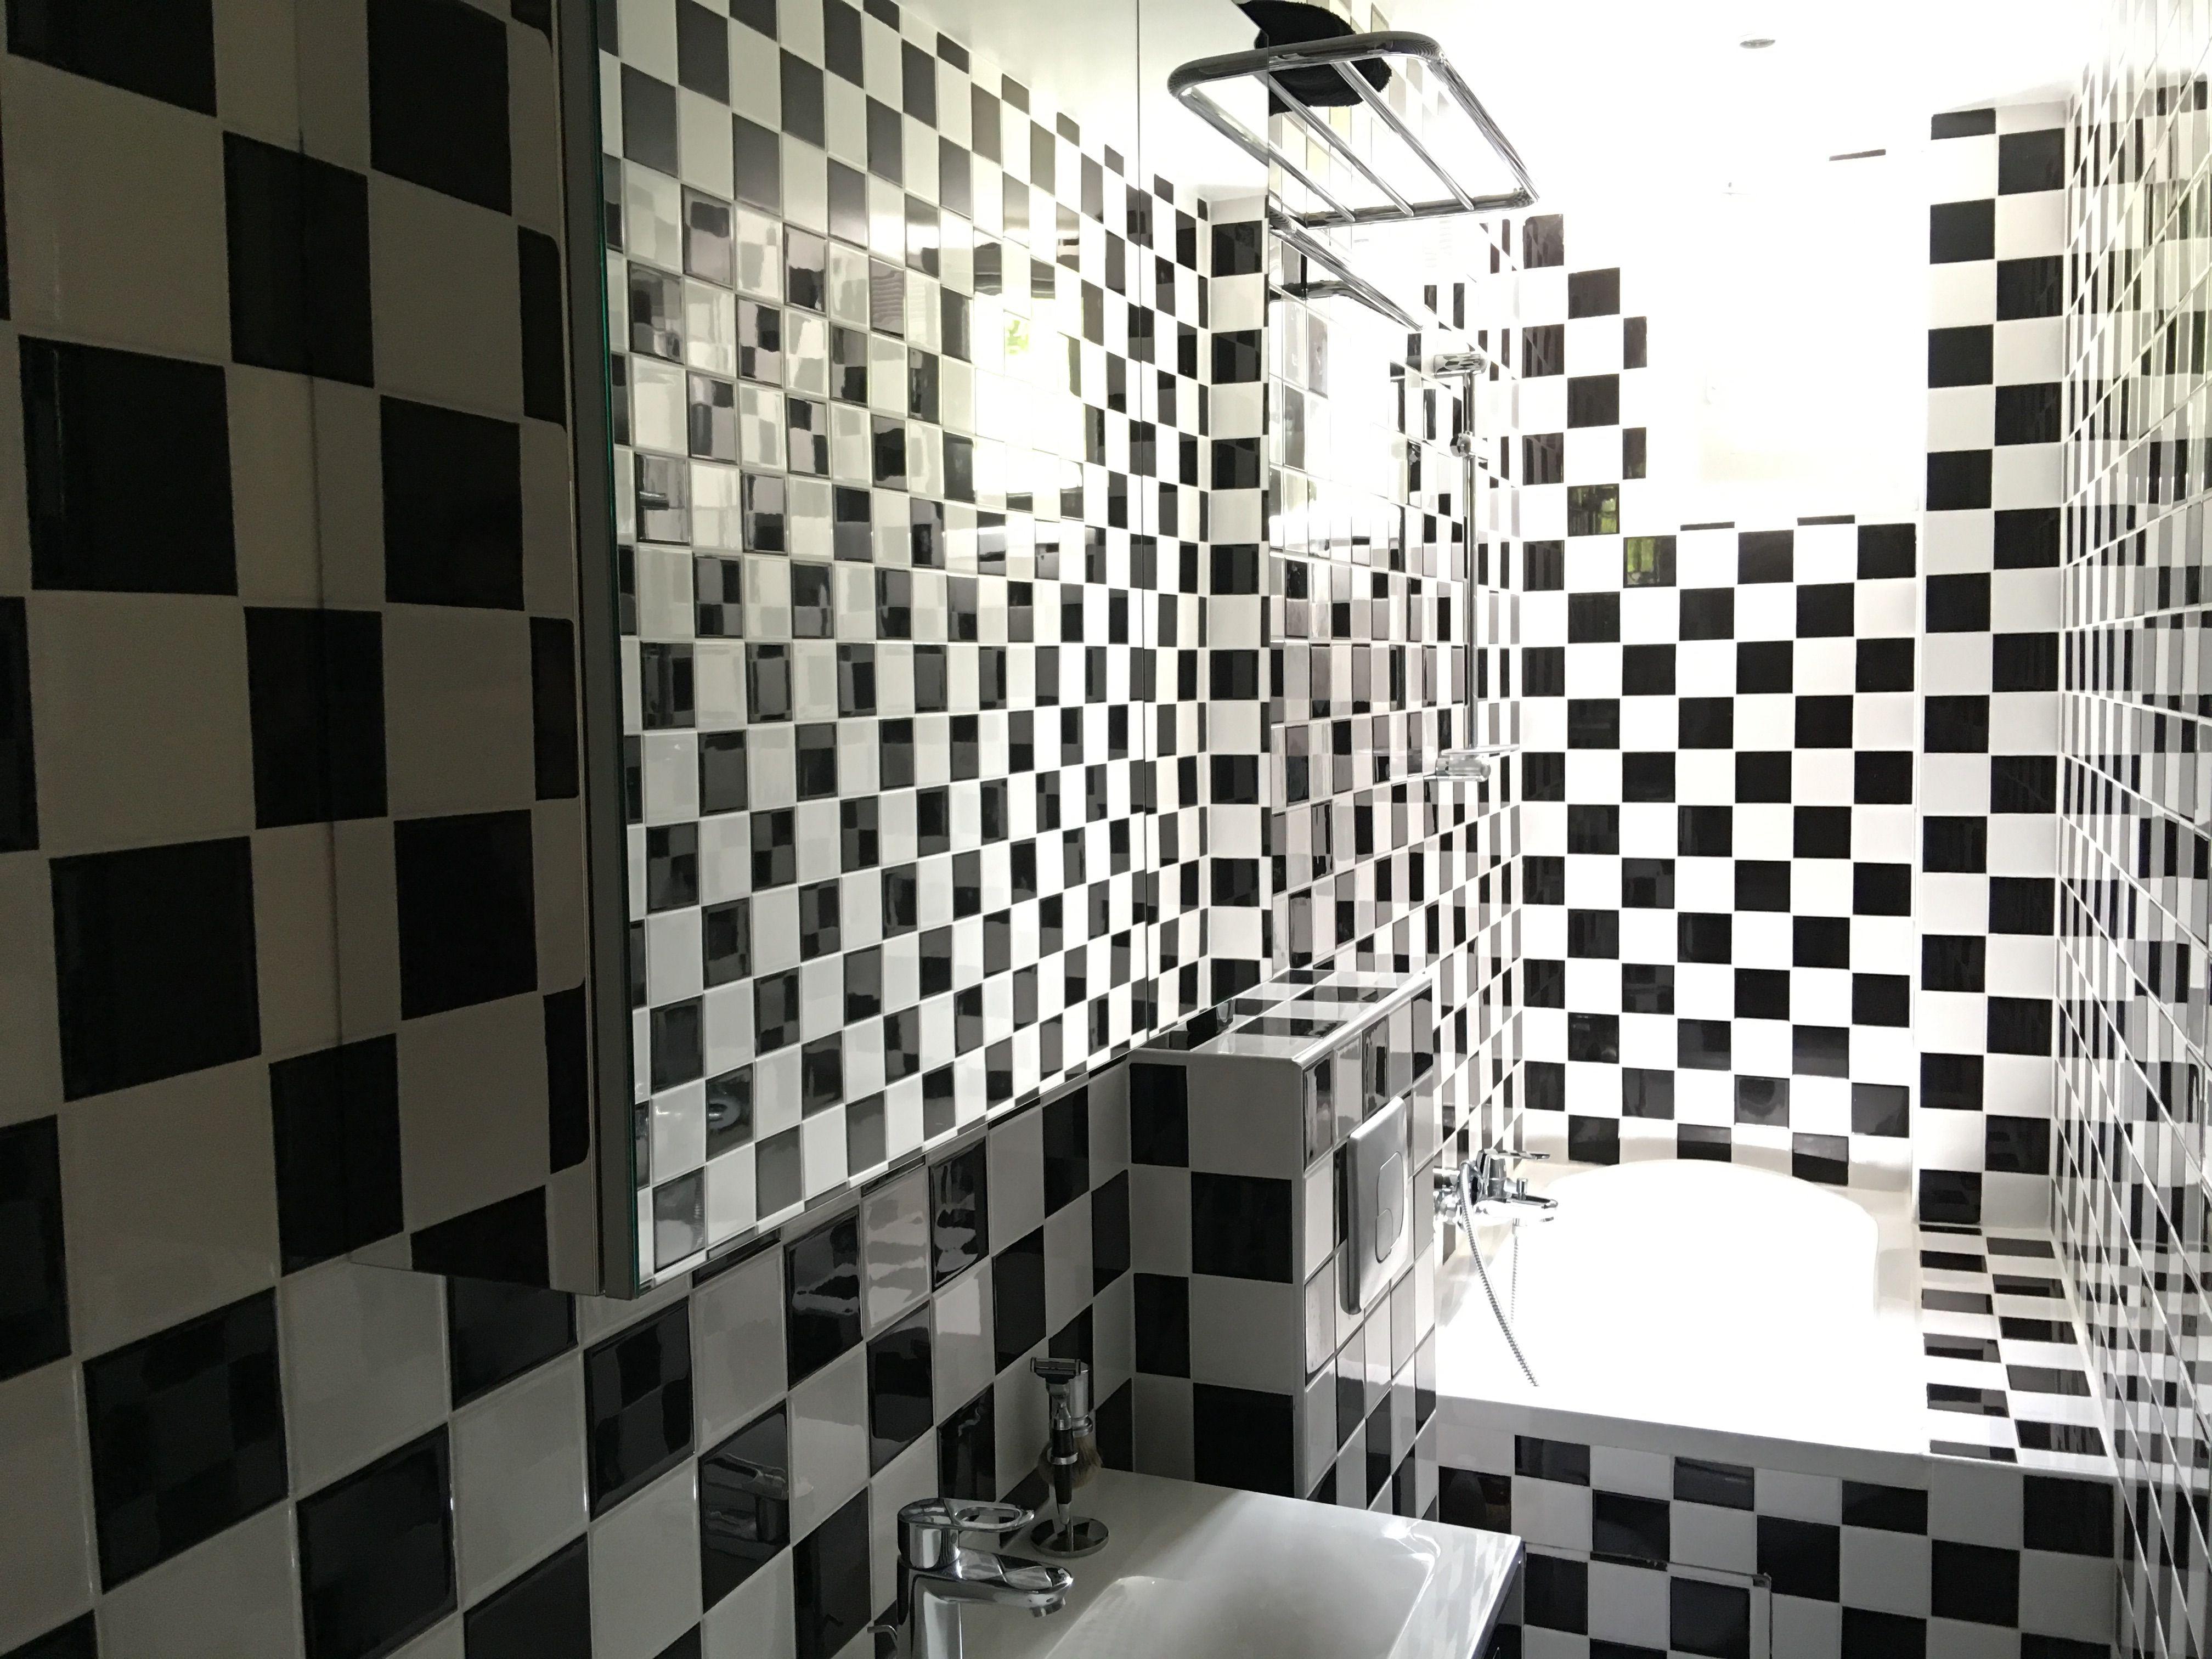 Ma salle de bain en damier  Salle de bain, Damier, Bains